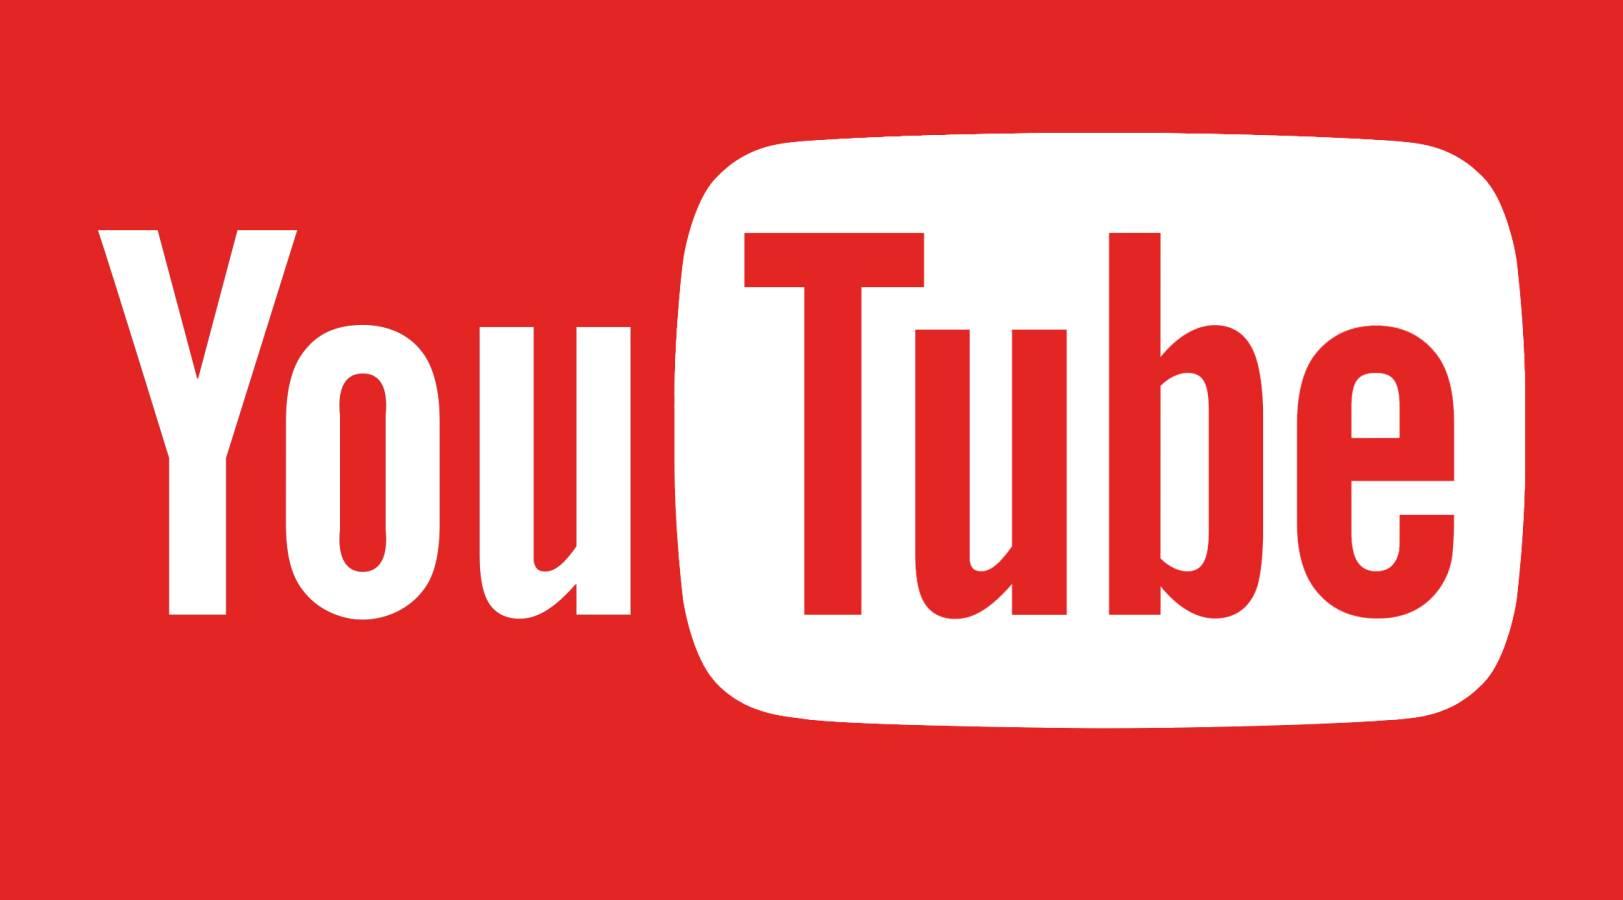 YouTube Actualizarea cu Noutati Lansata pentru Telefoane, Tablete